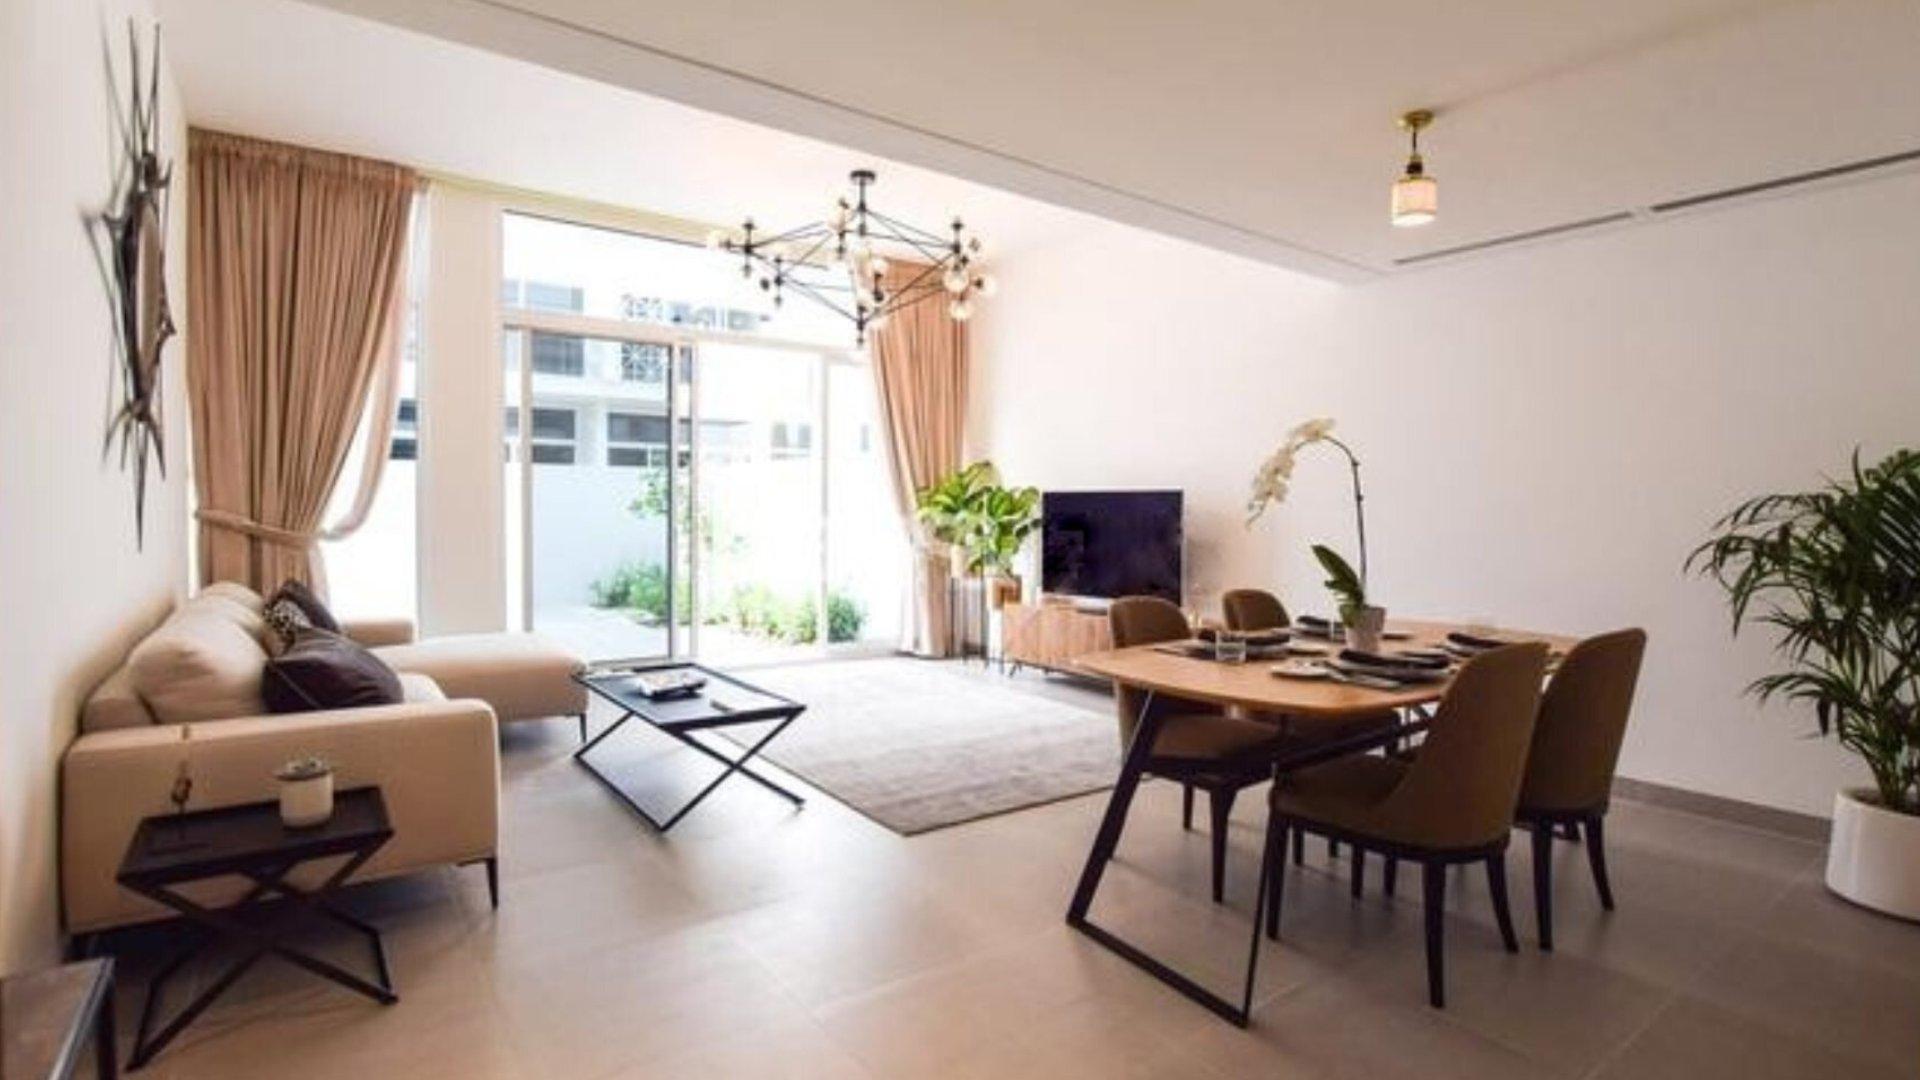 Adosado en venta en Dubai, EAU, 2 dormitorios, 165 m2, № 24436 – foto 2